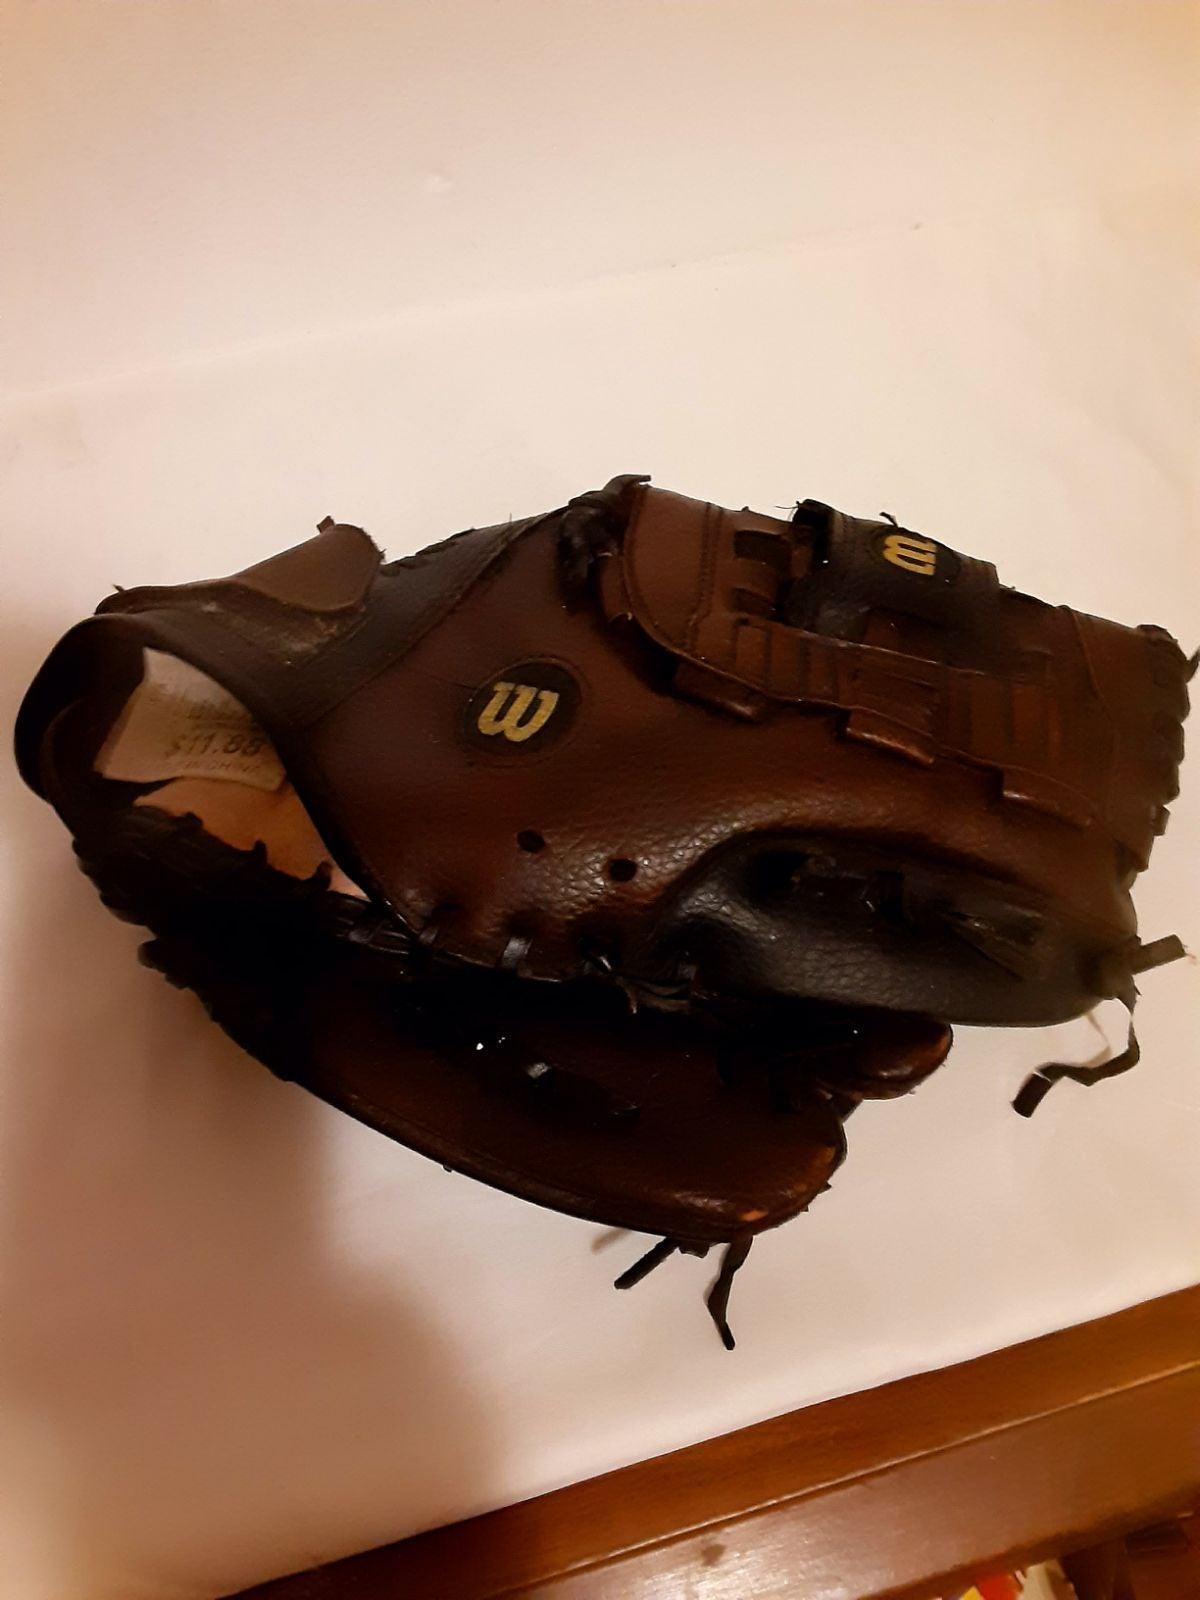 Wilson ball glove